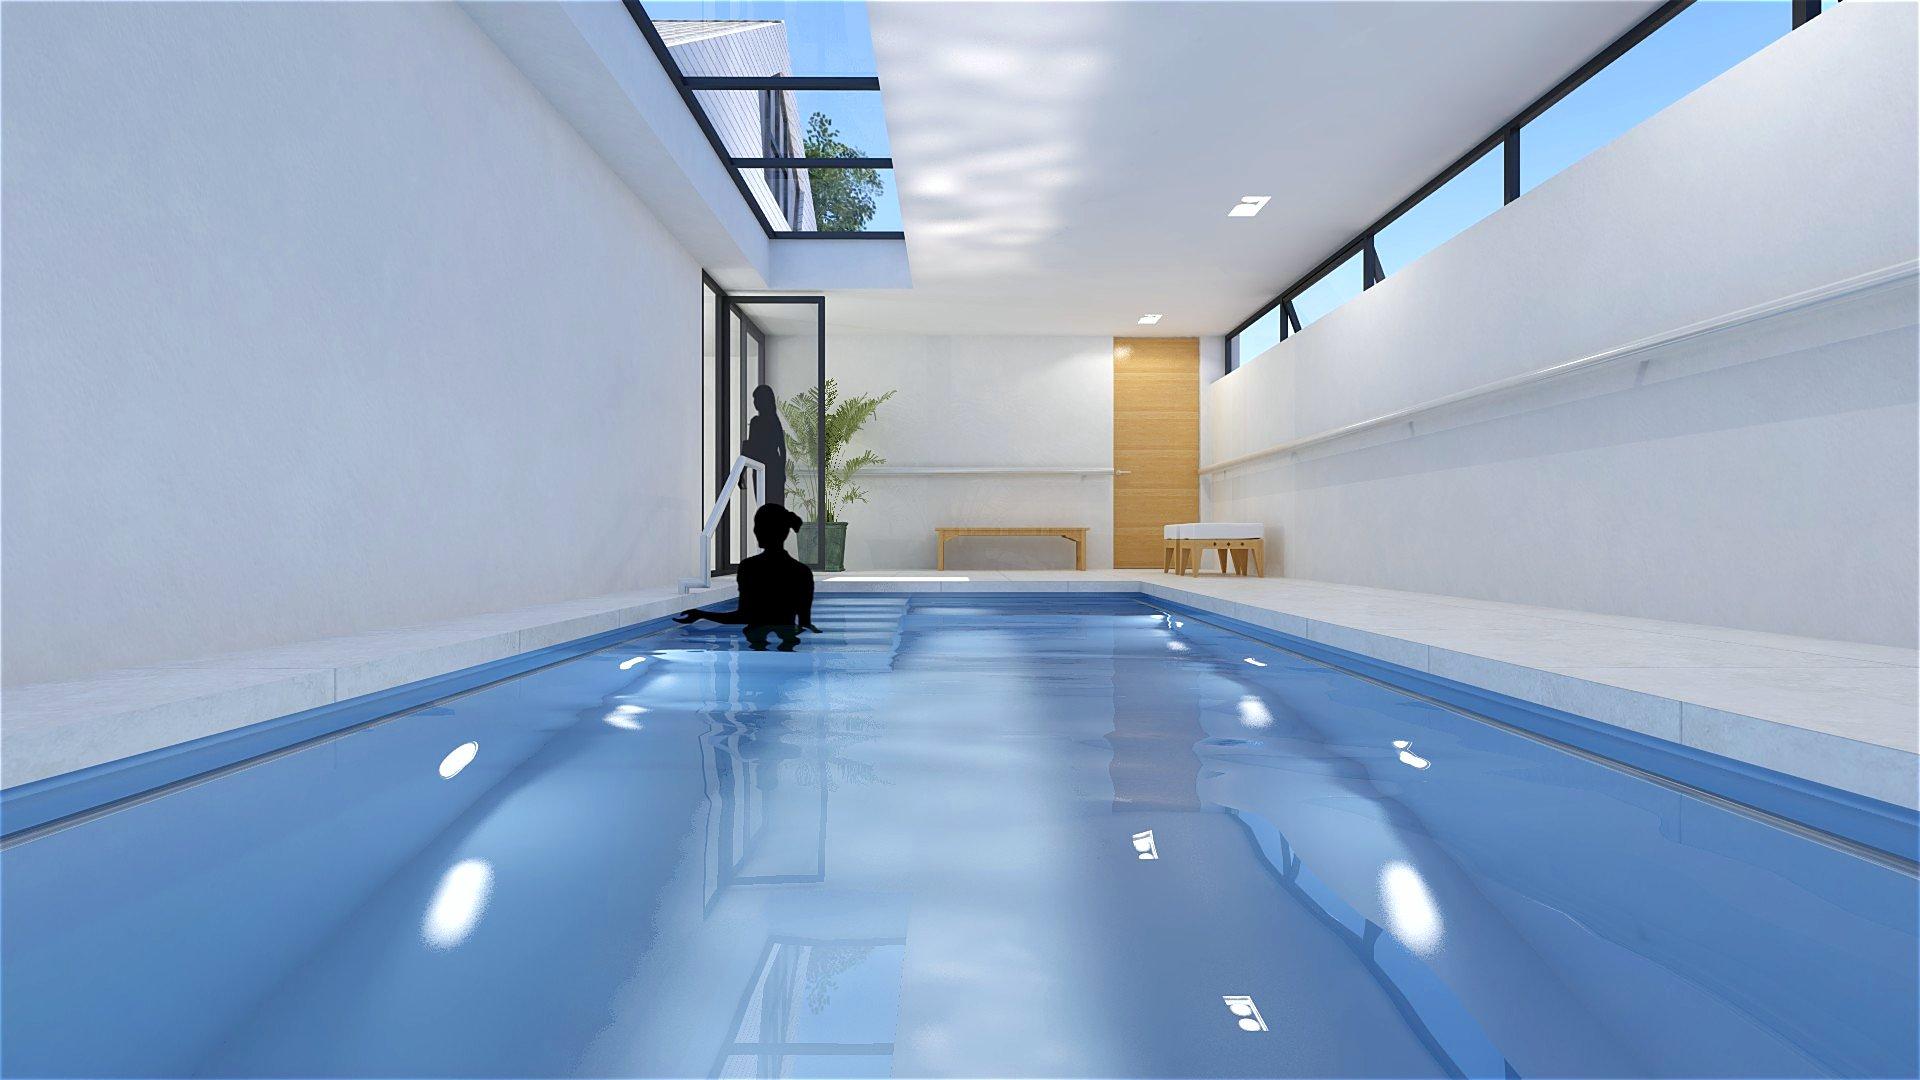 015 JURY Architectuur impressie binnenzwembad 01